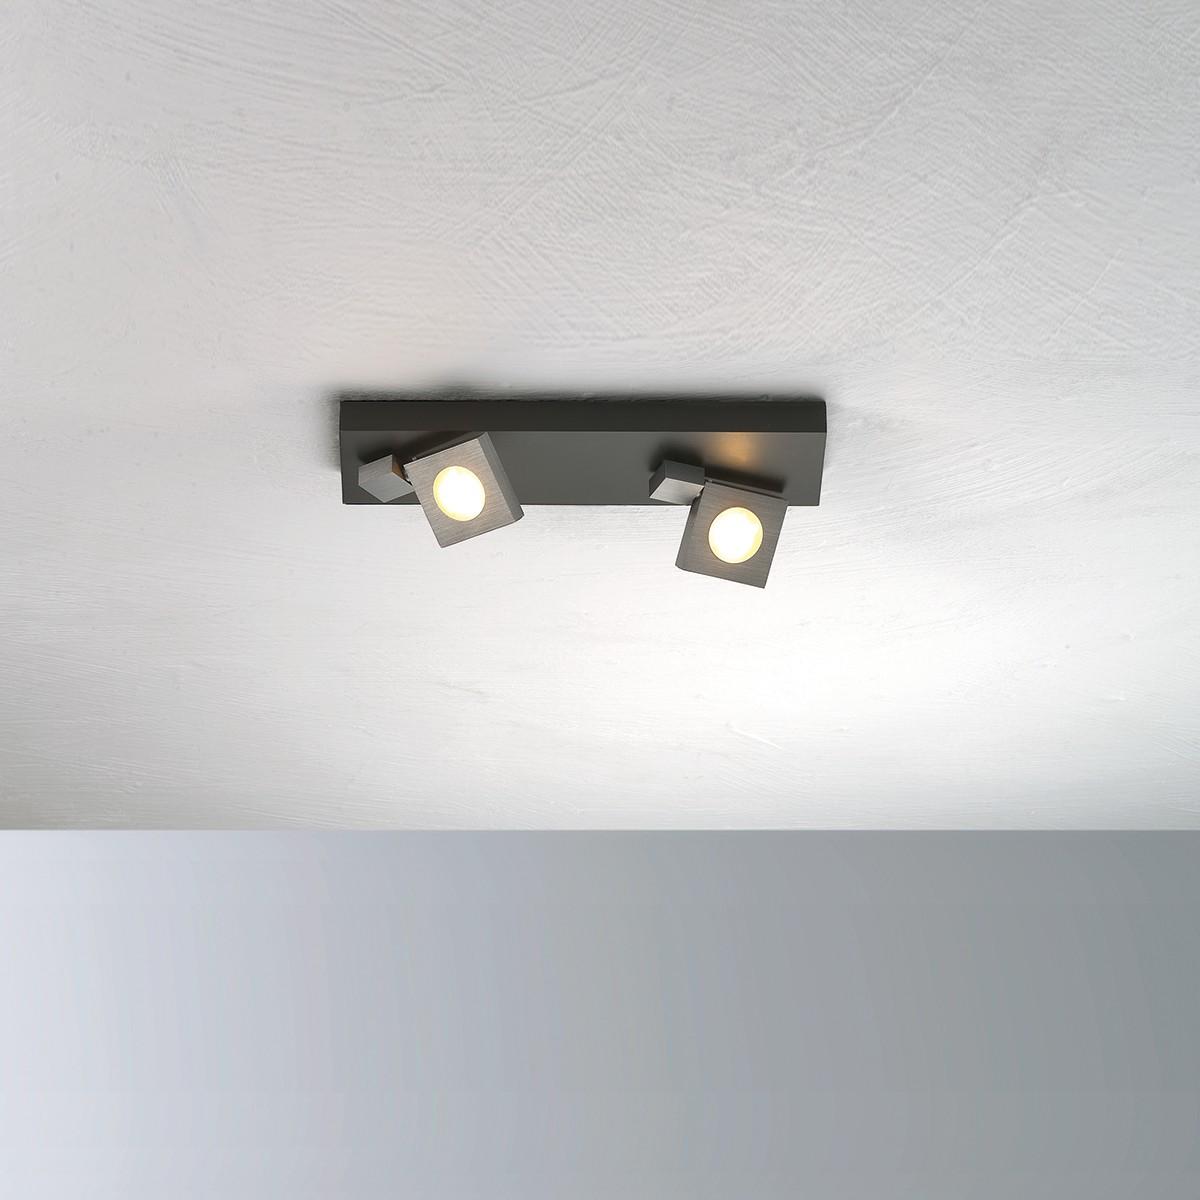 Bopp Flash Deckenleuchte 2-flg., anthrazit - schwarz lackiert